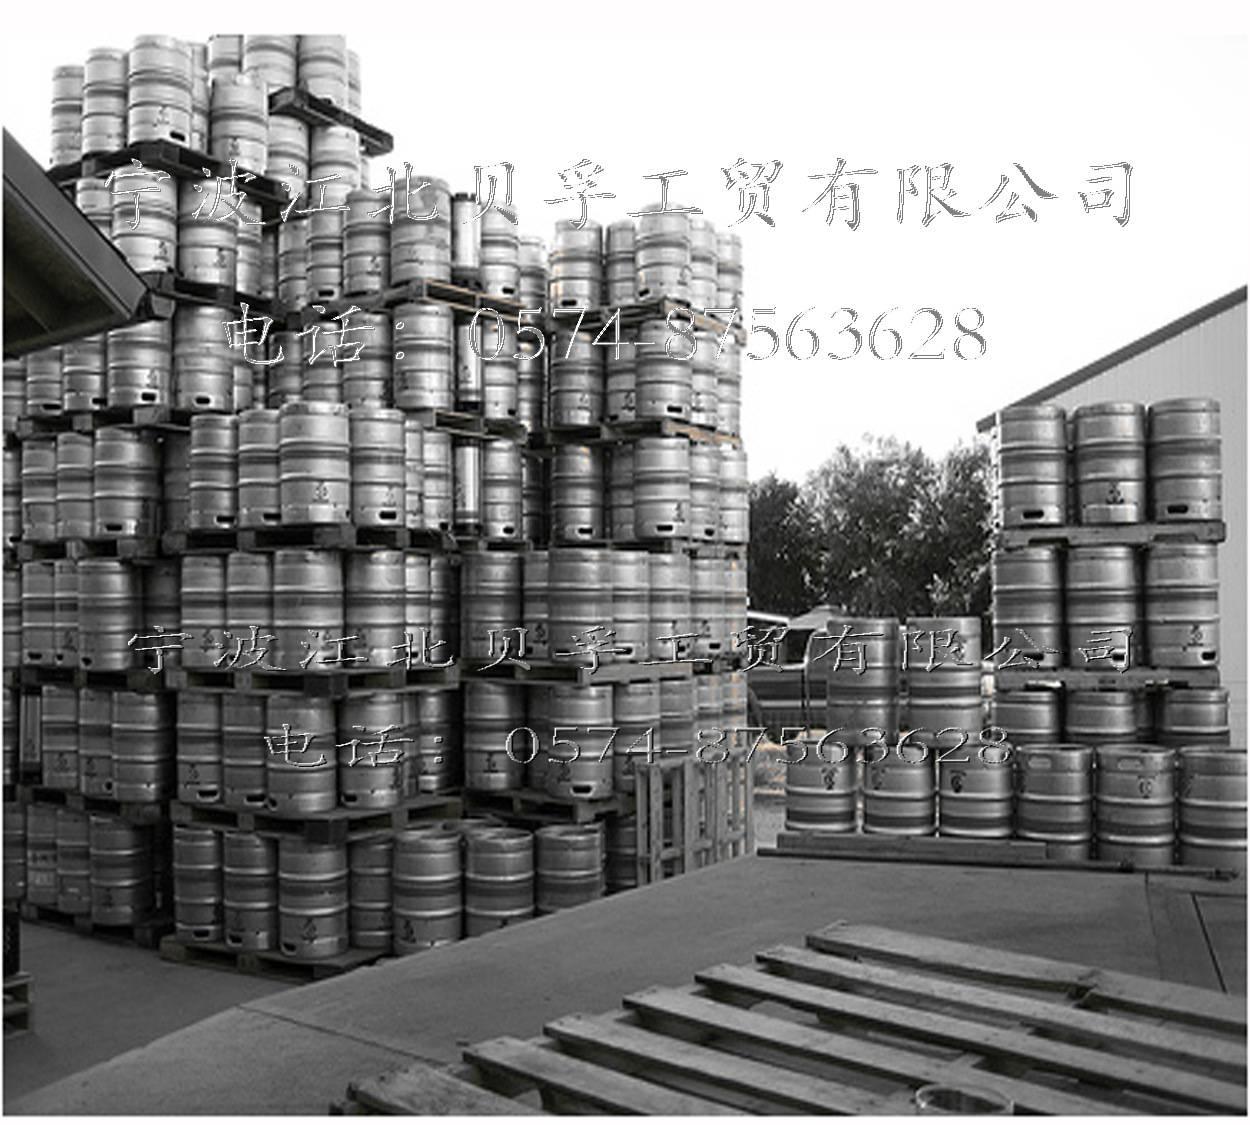 啤酒桶的价格表-一桶生啤酒多少钱-大麦丫-精酿啤酒连锁超市,工厂店平价酒吧免费加盟